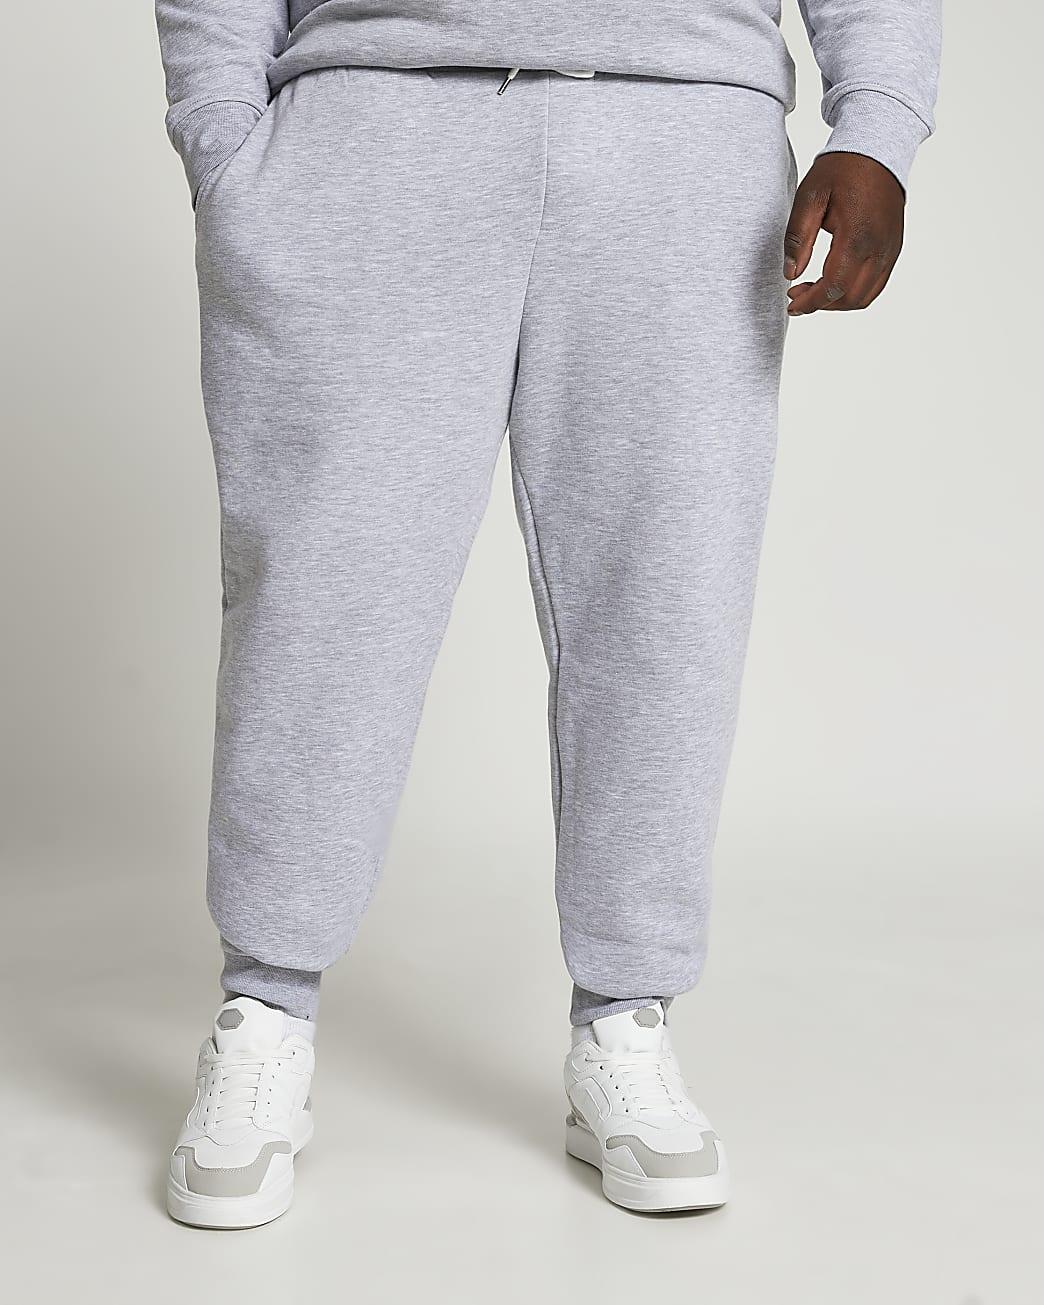 Big & Tall grey RI slim fit joggers